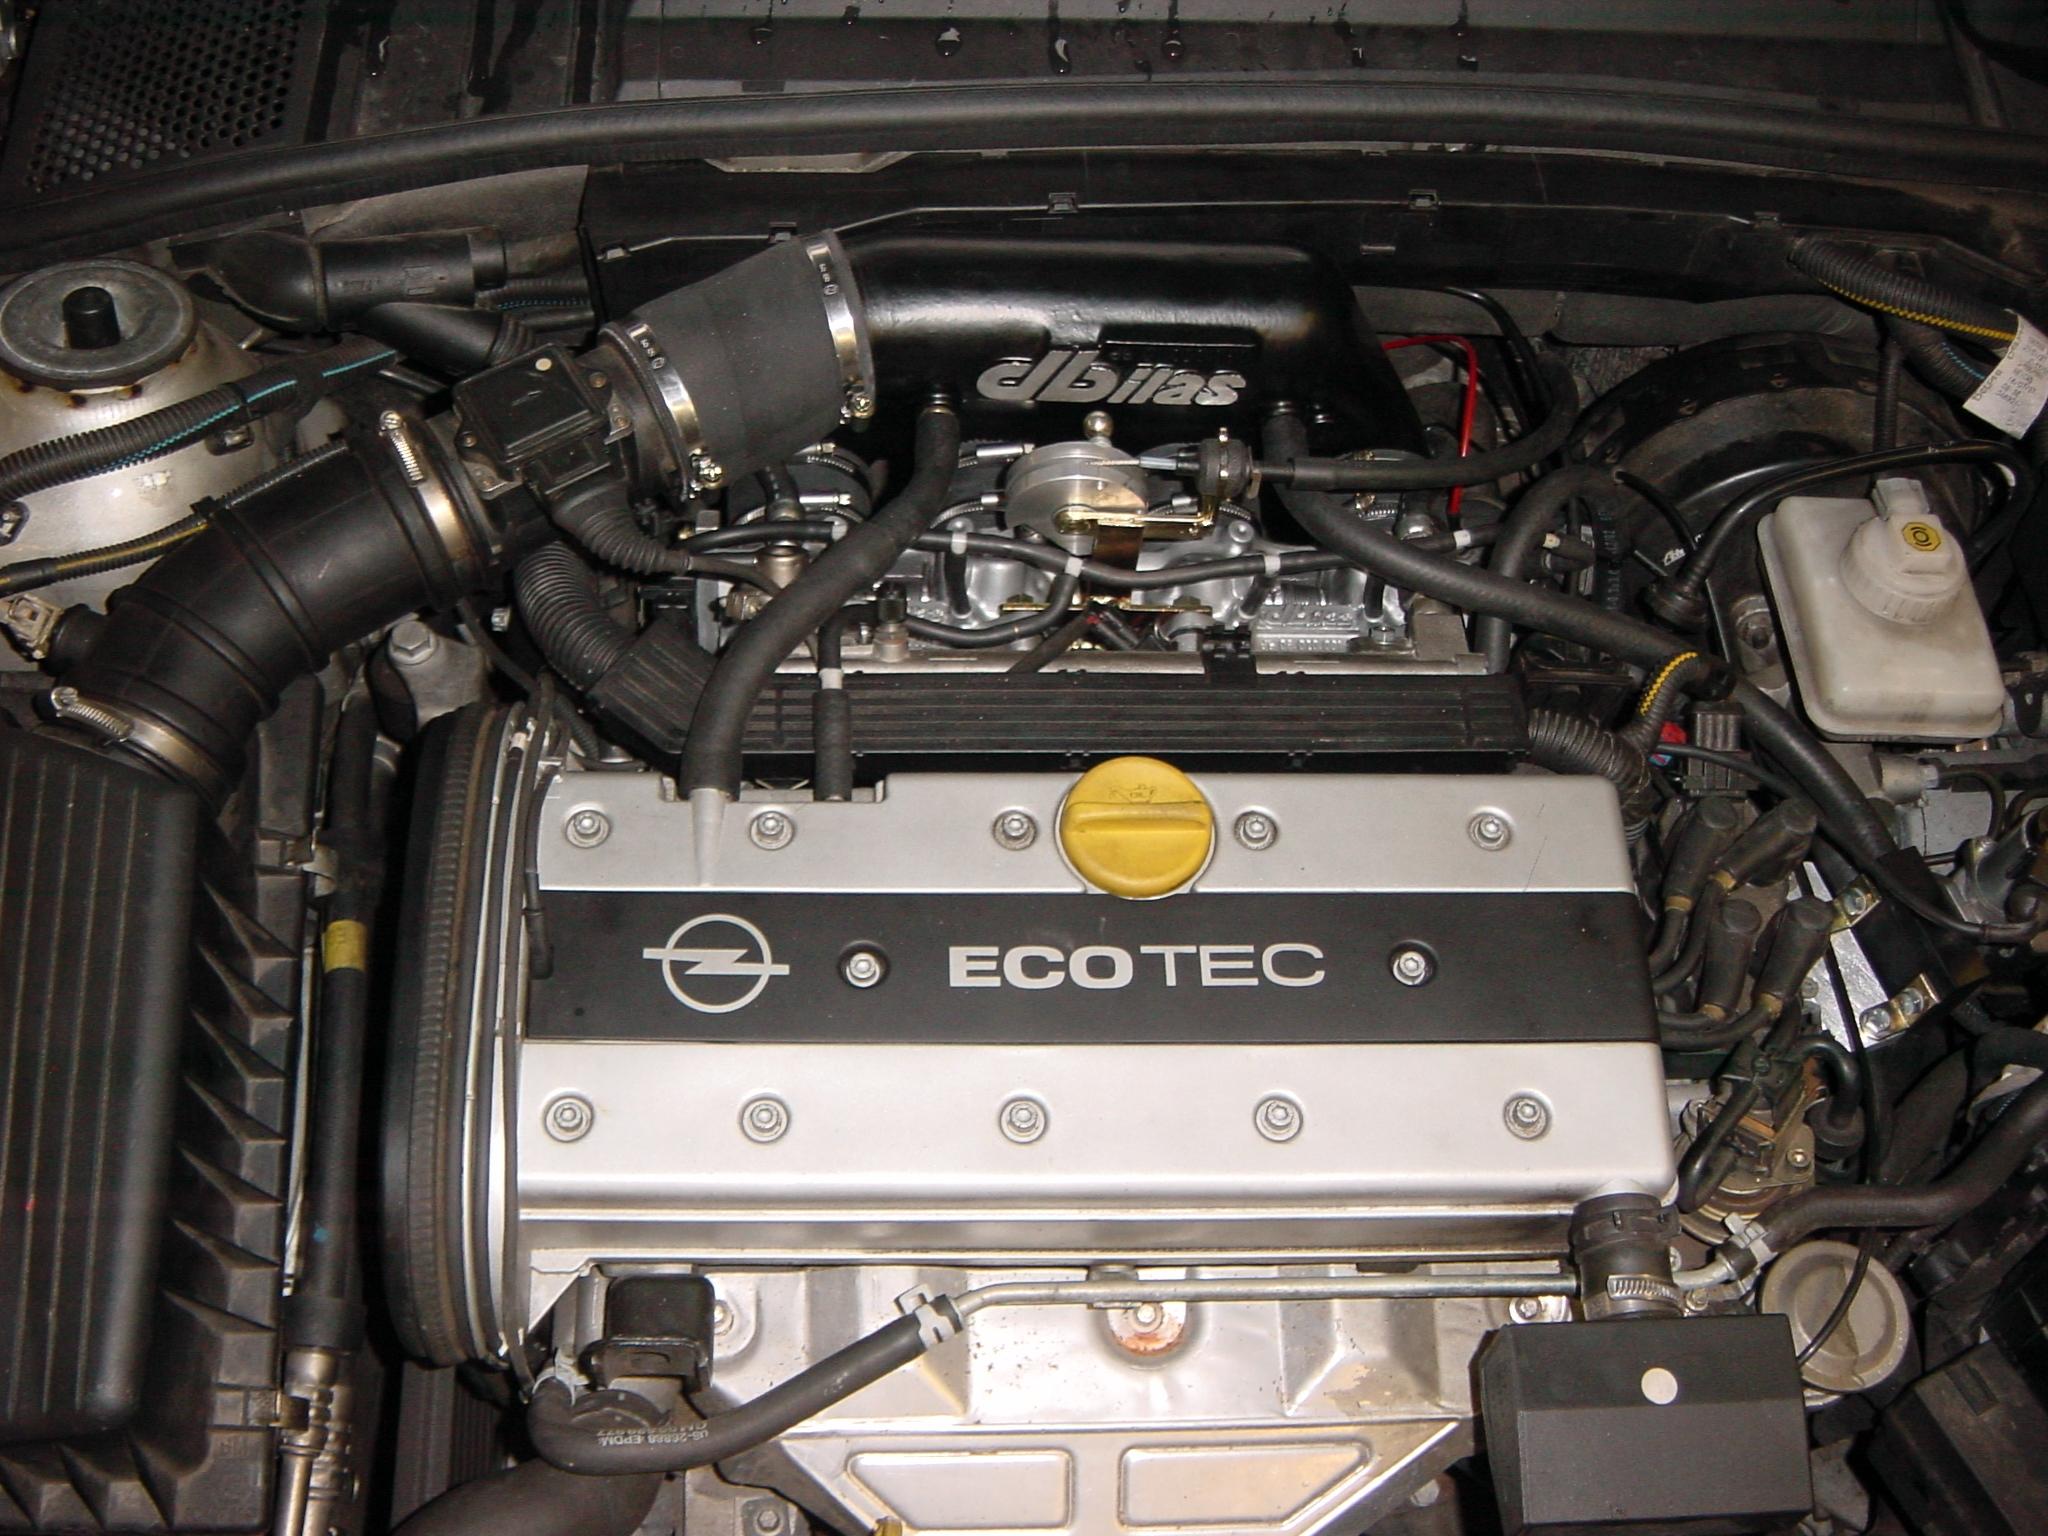 буквы сегодня картинки двигателей опель вектра балкон можно